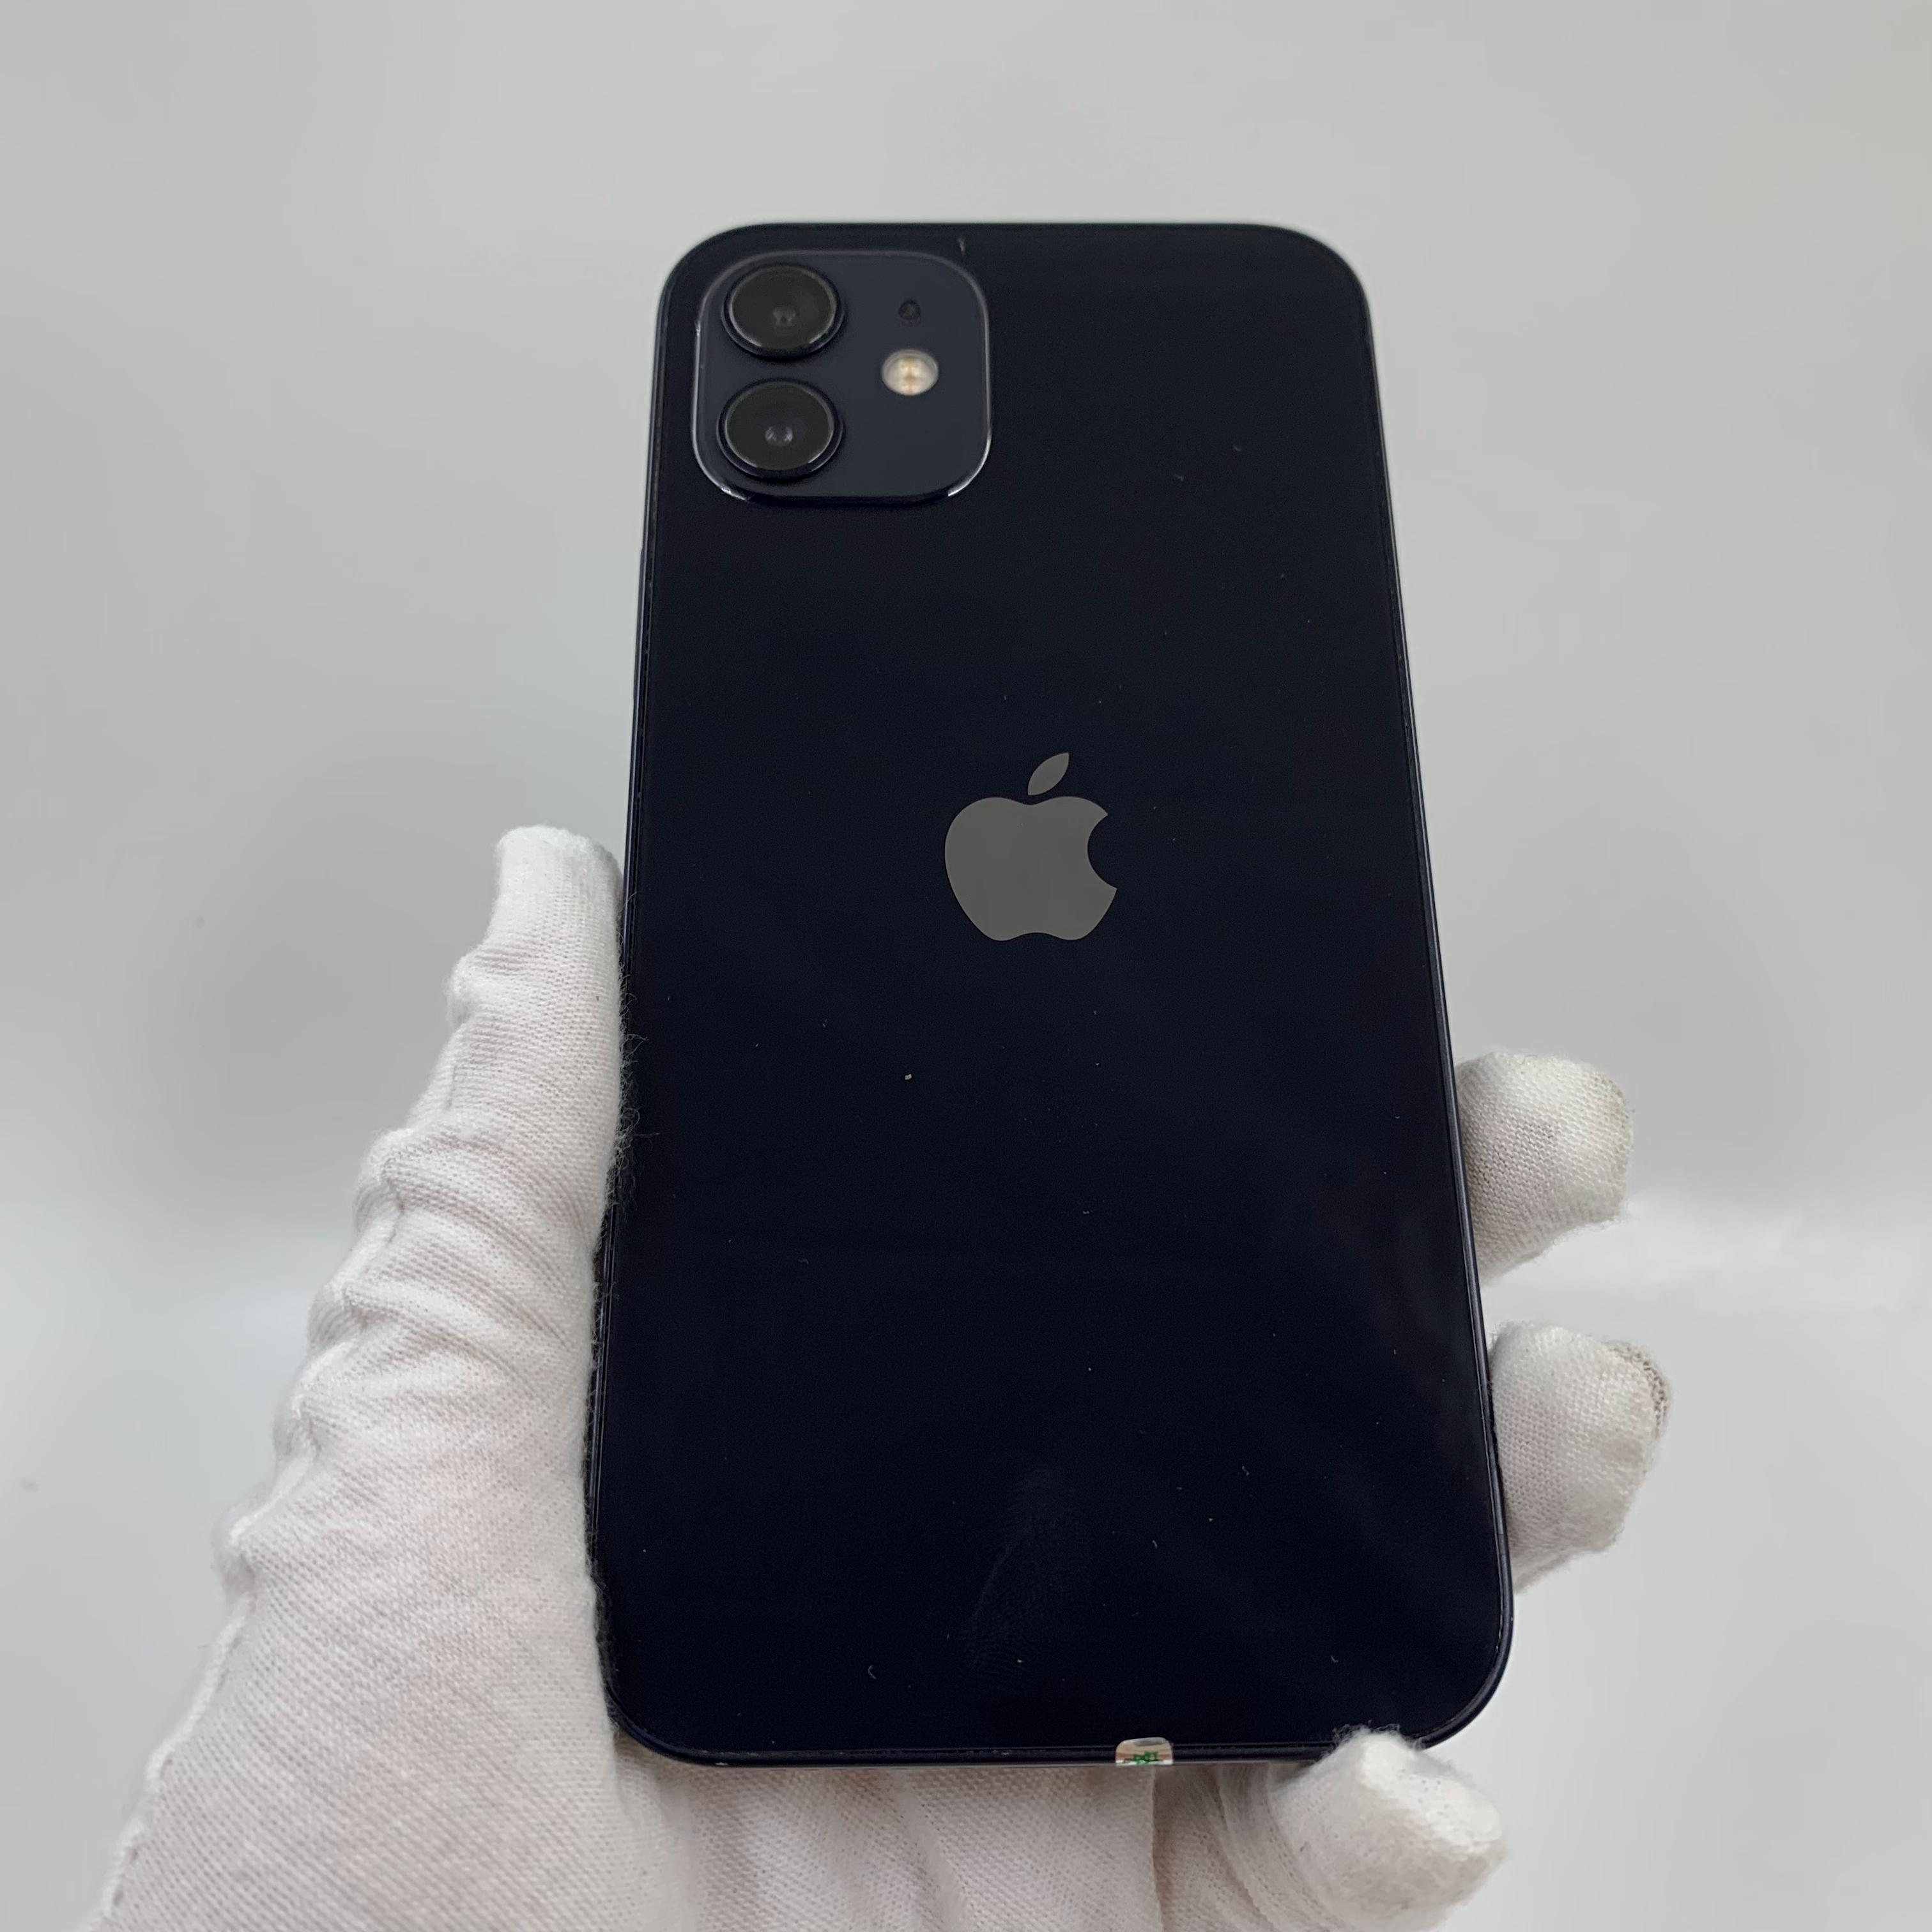 苹果【iPhone 12】5G全网通 黑色 64G 国行 9成新 真机实拍